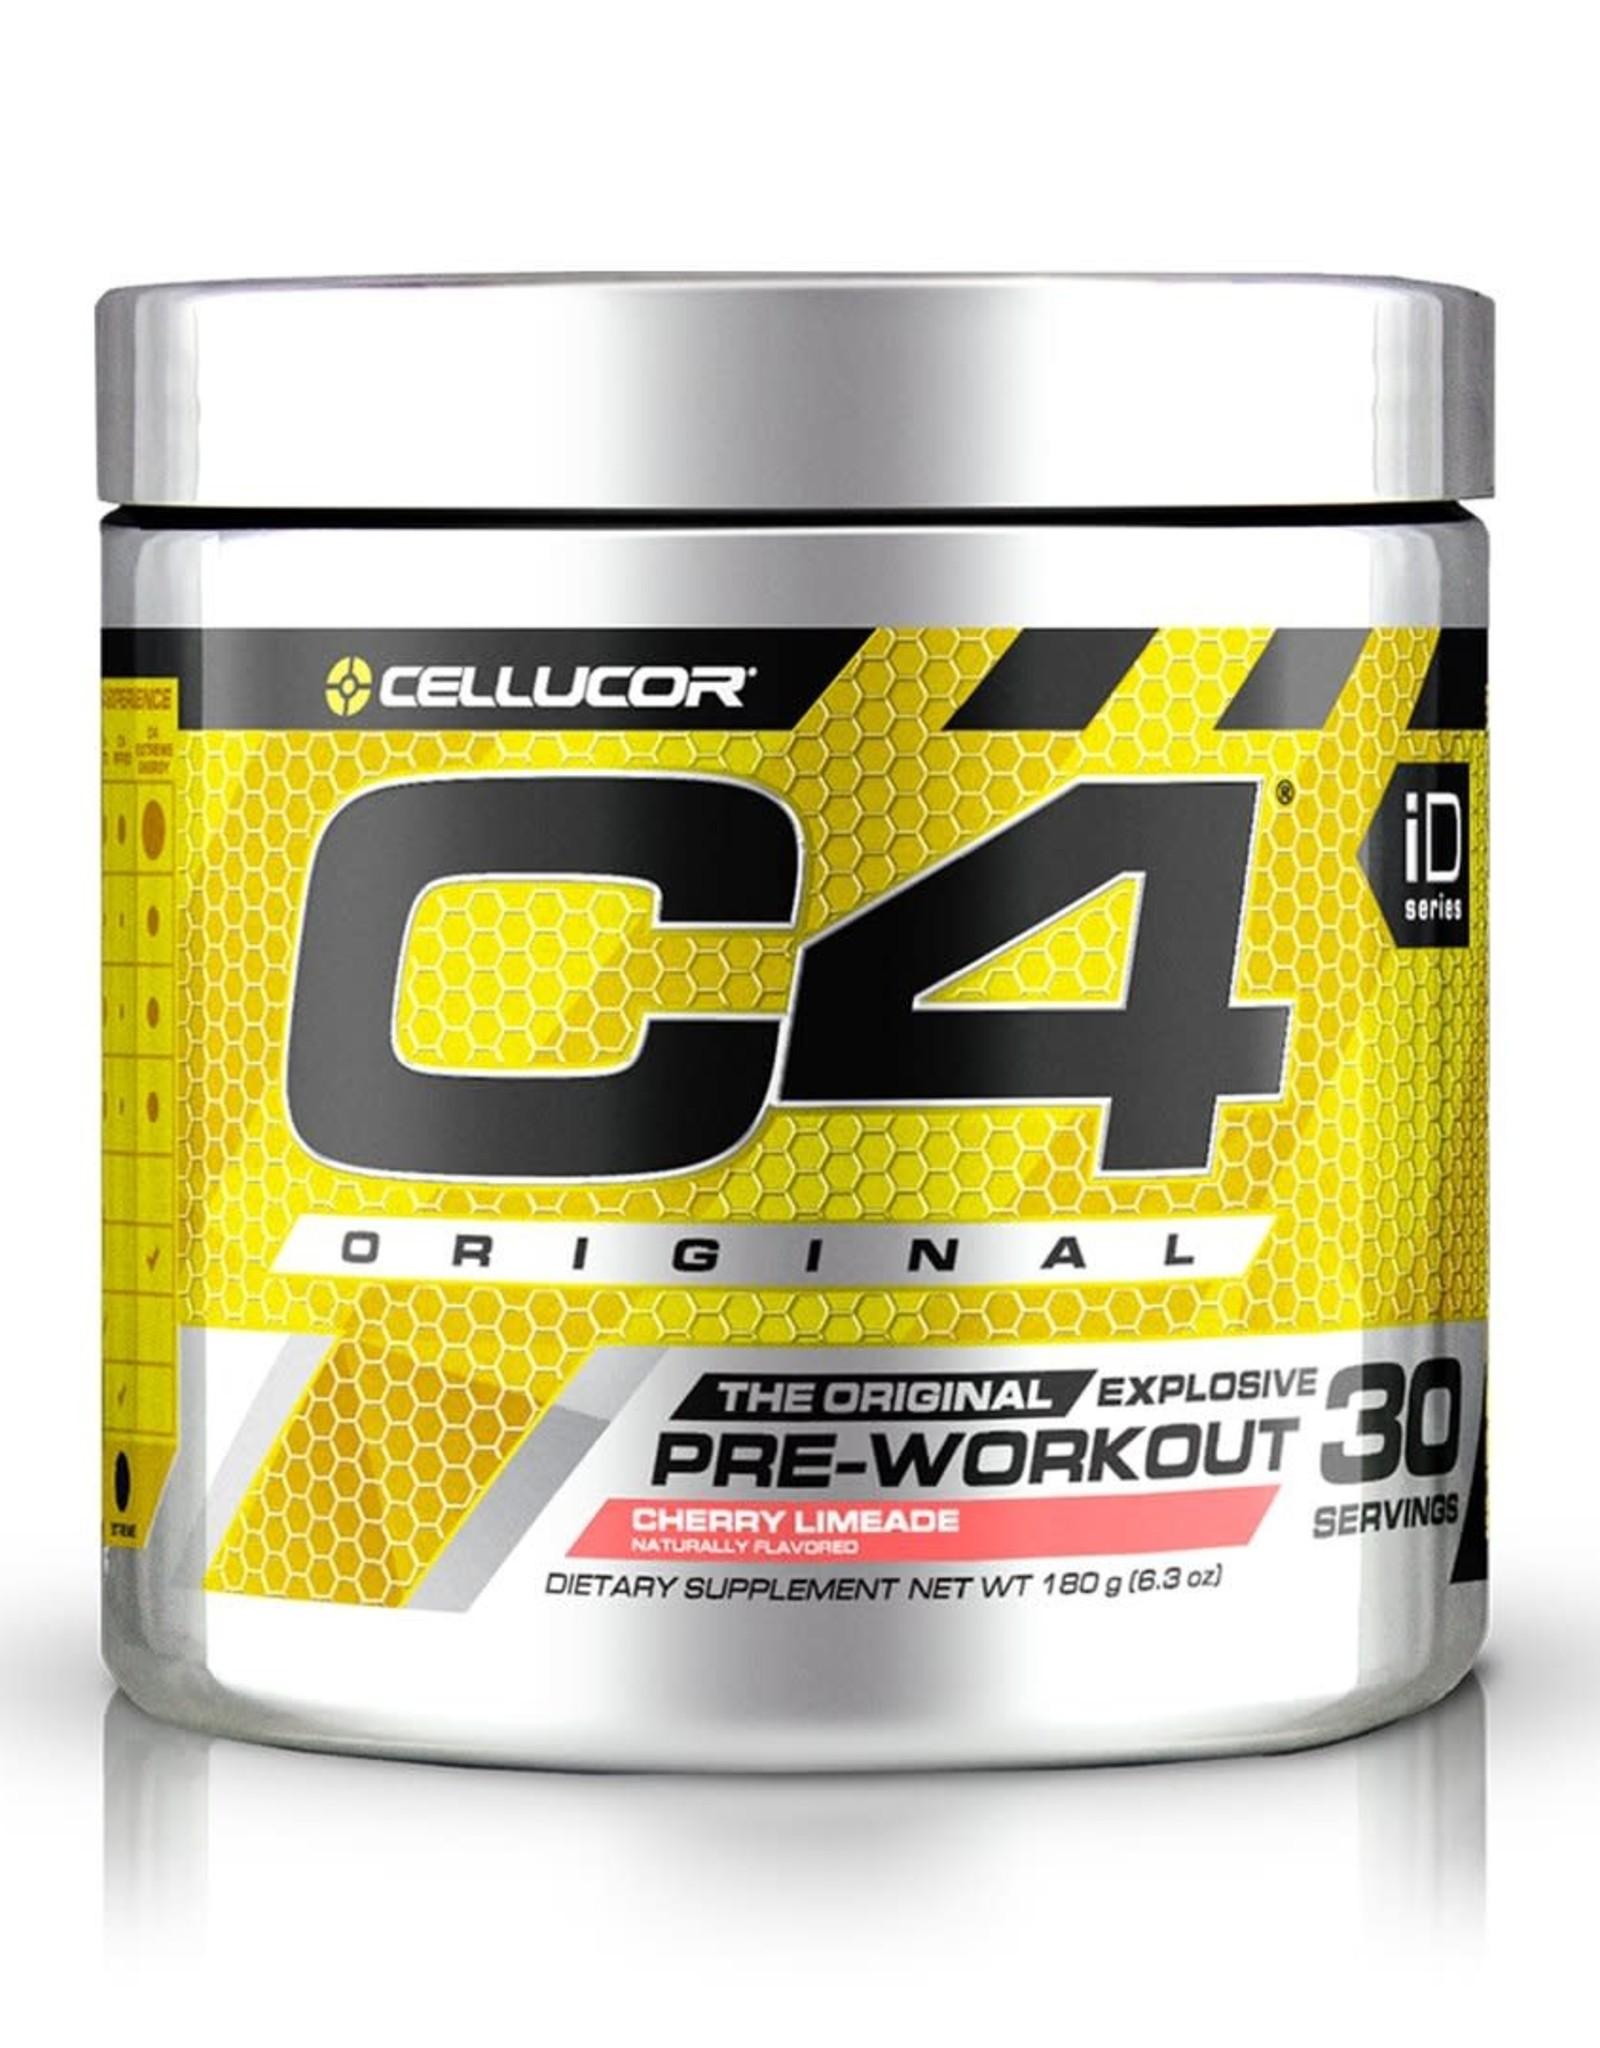 C4 Original Pre-Workout Cherry Limeade